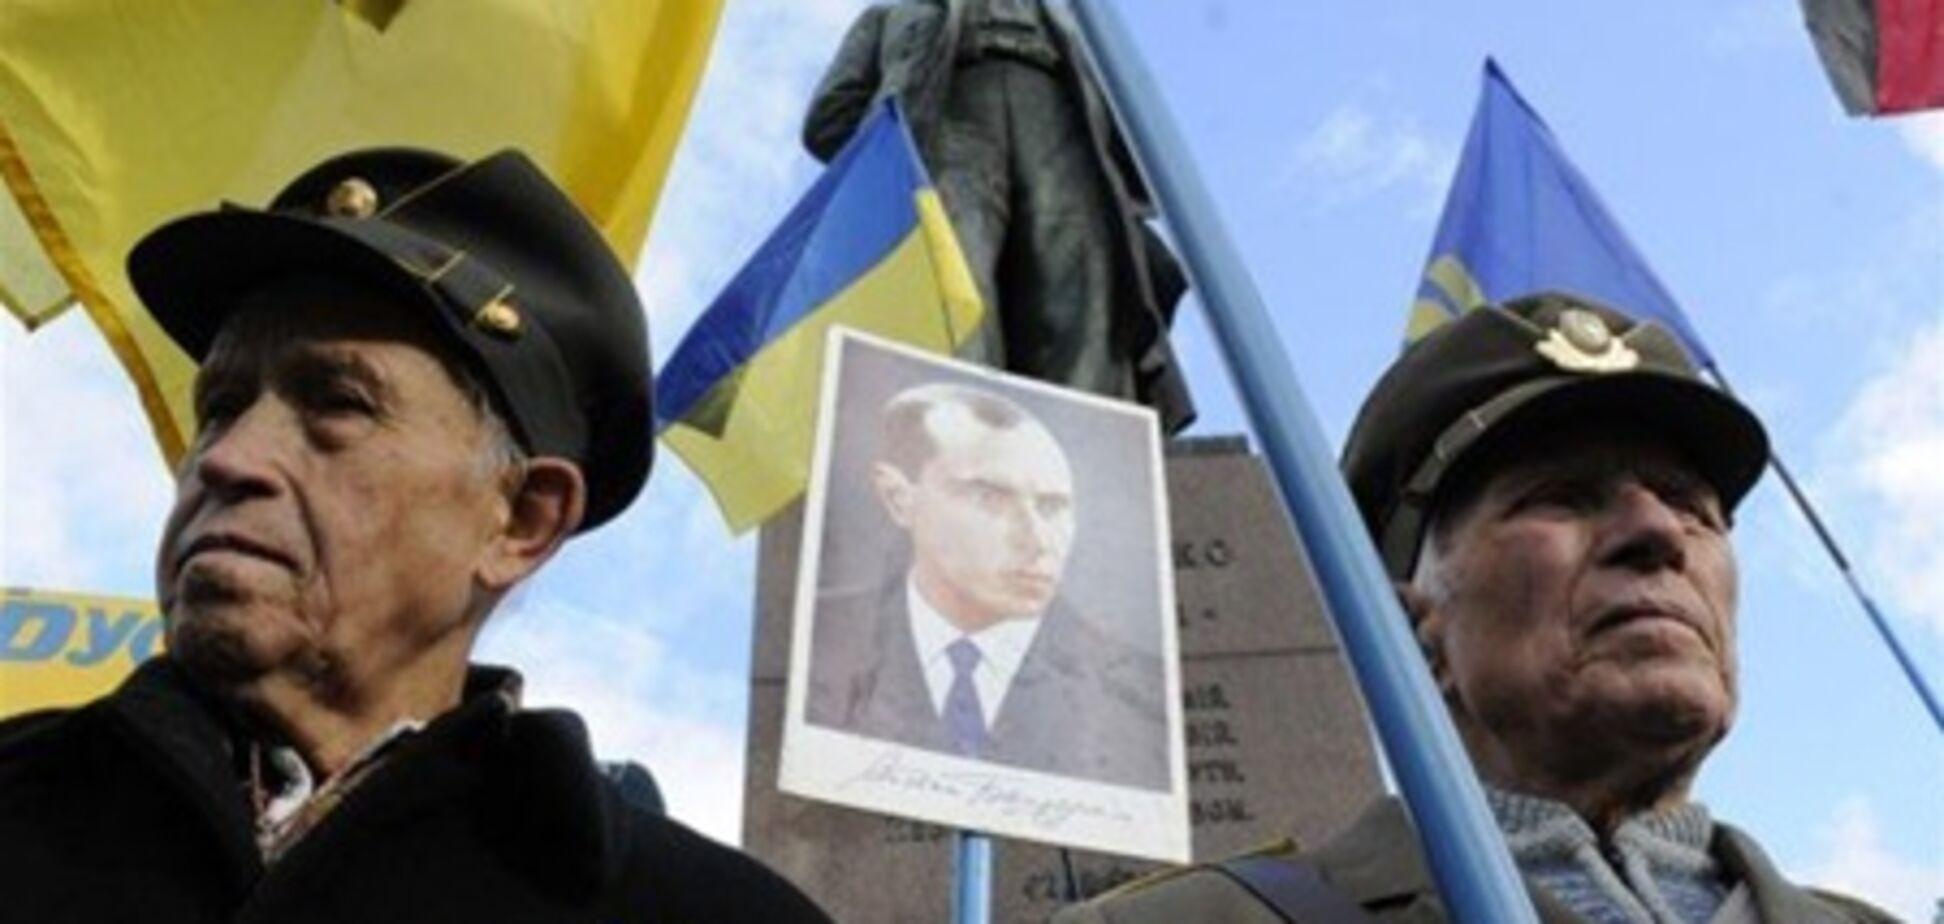 У Львові на мітинг на честь Бандери прийшли близько тисячі людей